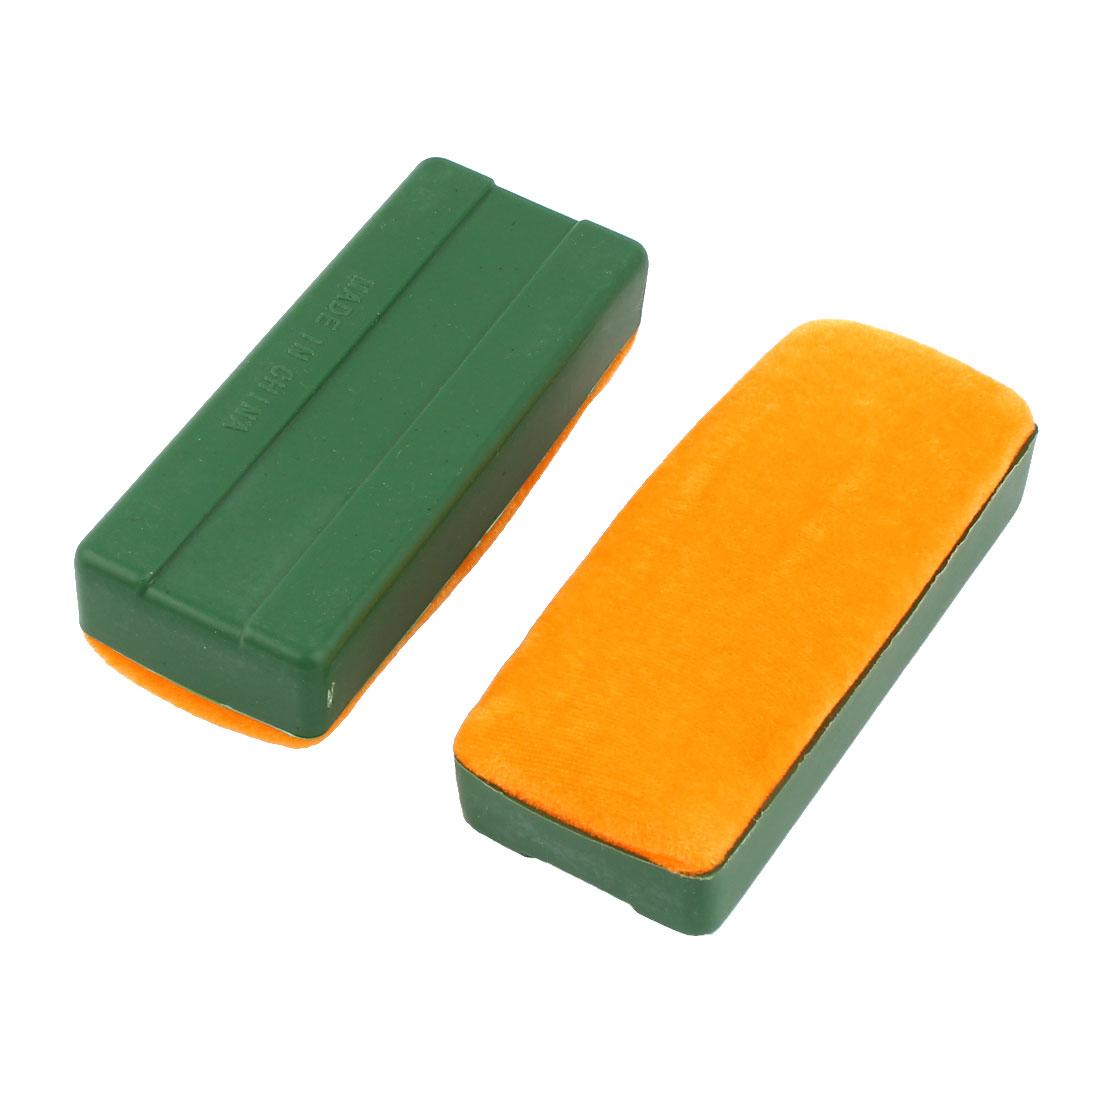 2 Pcs Green Plastic Housing Inside Orange Sponge Whiteboard Eraser 12cmx5cm